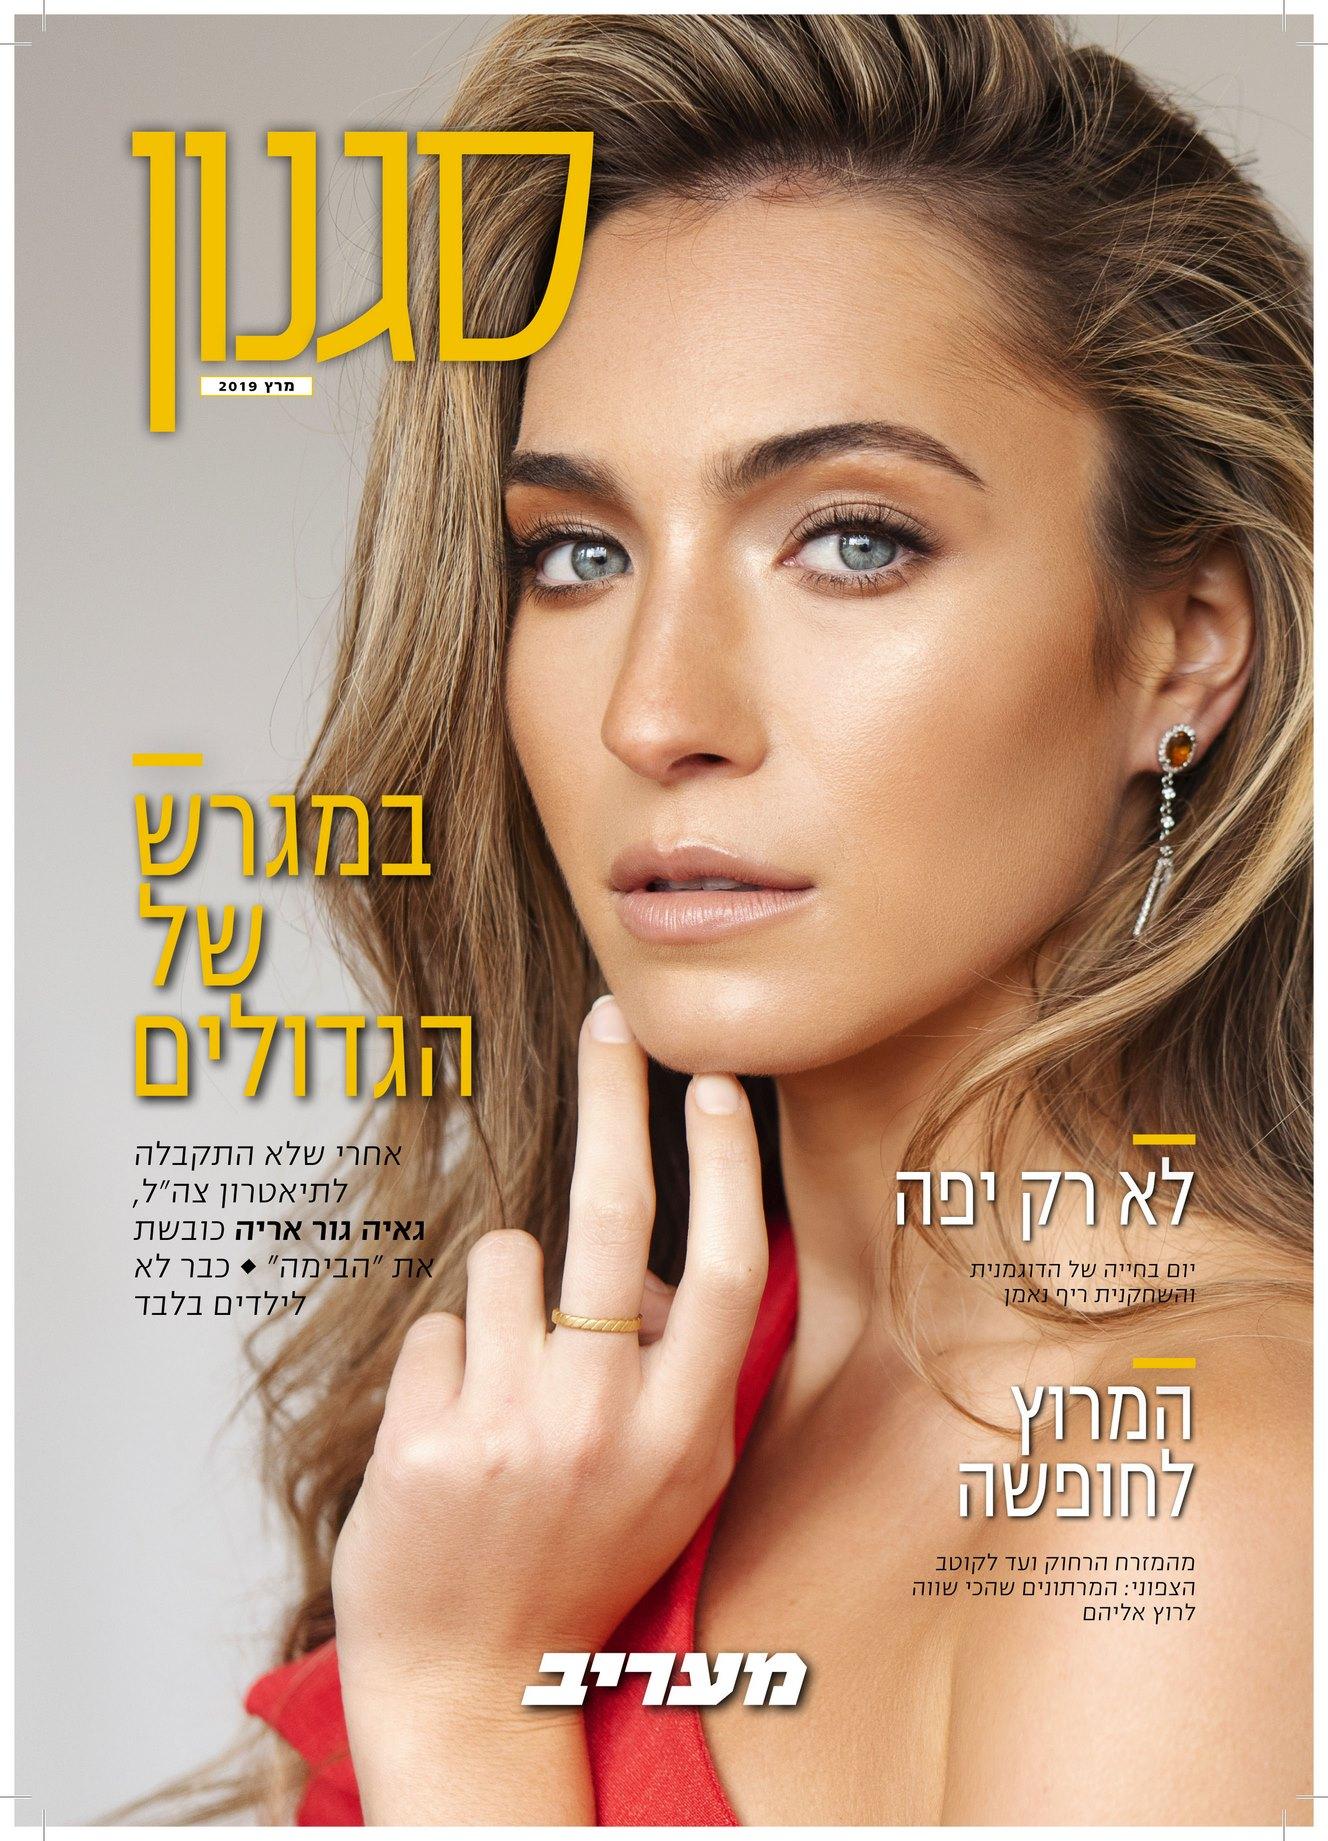 גאיה גור אריה סטיילינג גאלה רחמילביץ למגזין הנשים סגנון של מעריב (Copy).jpg